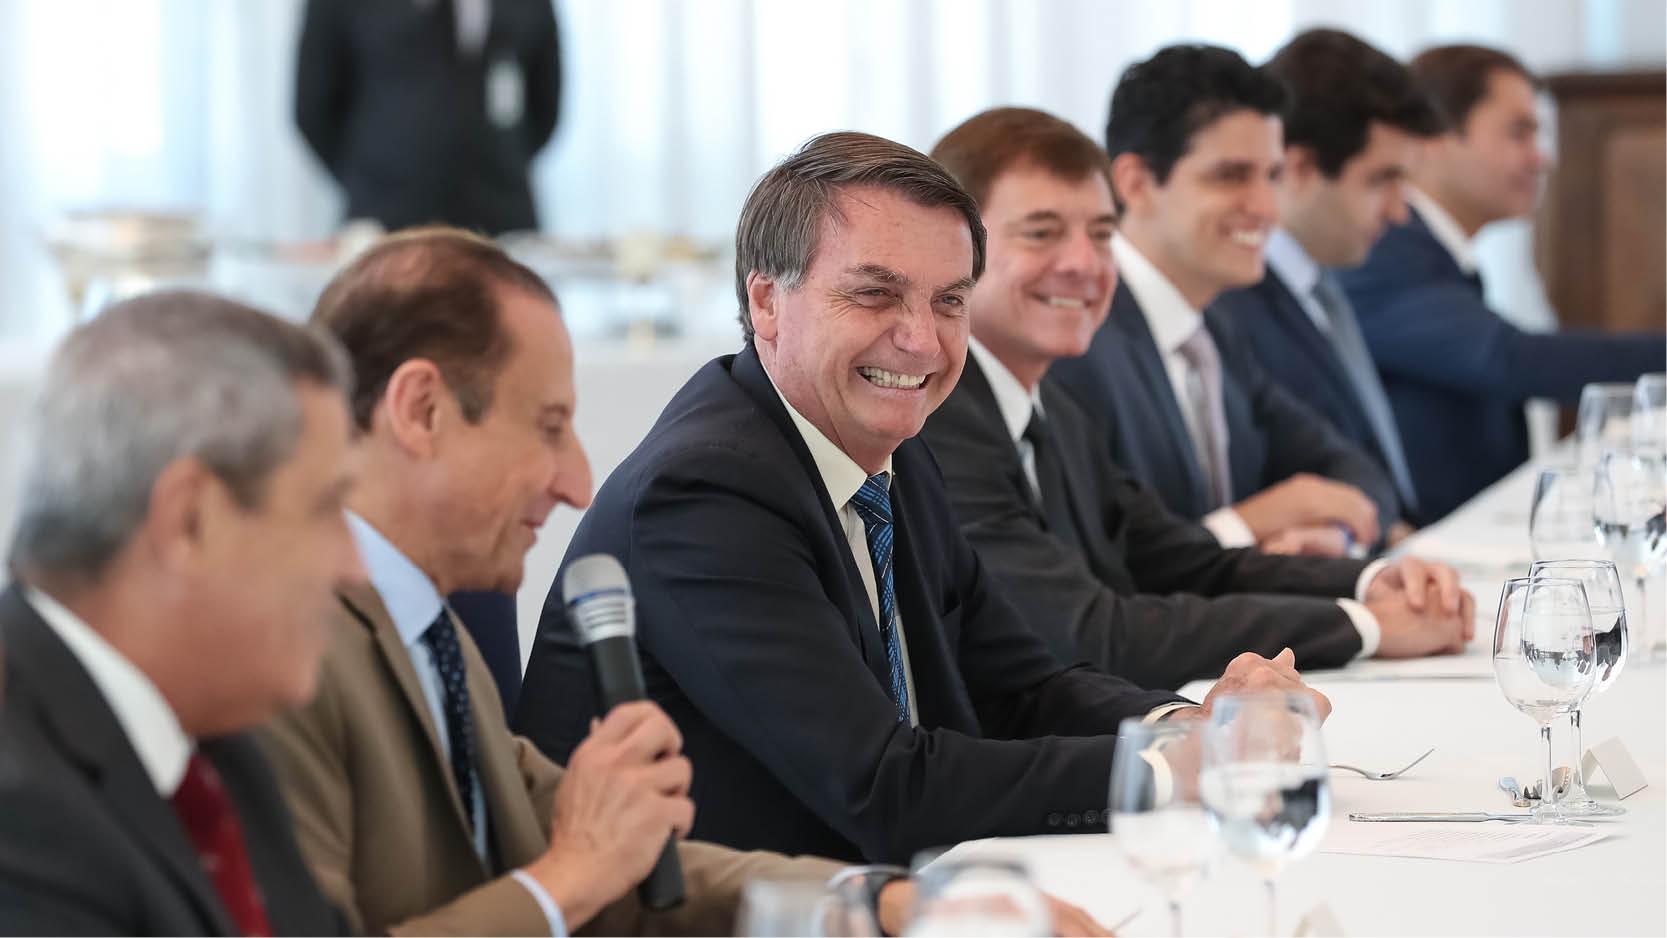 Presidente da Fiesp e do Ciesp participou, junto com membros do Conselho Diálogo pelo Brasil, de encontro com chefes do Executivo, Legislativo e Judiciário